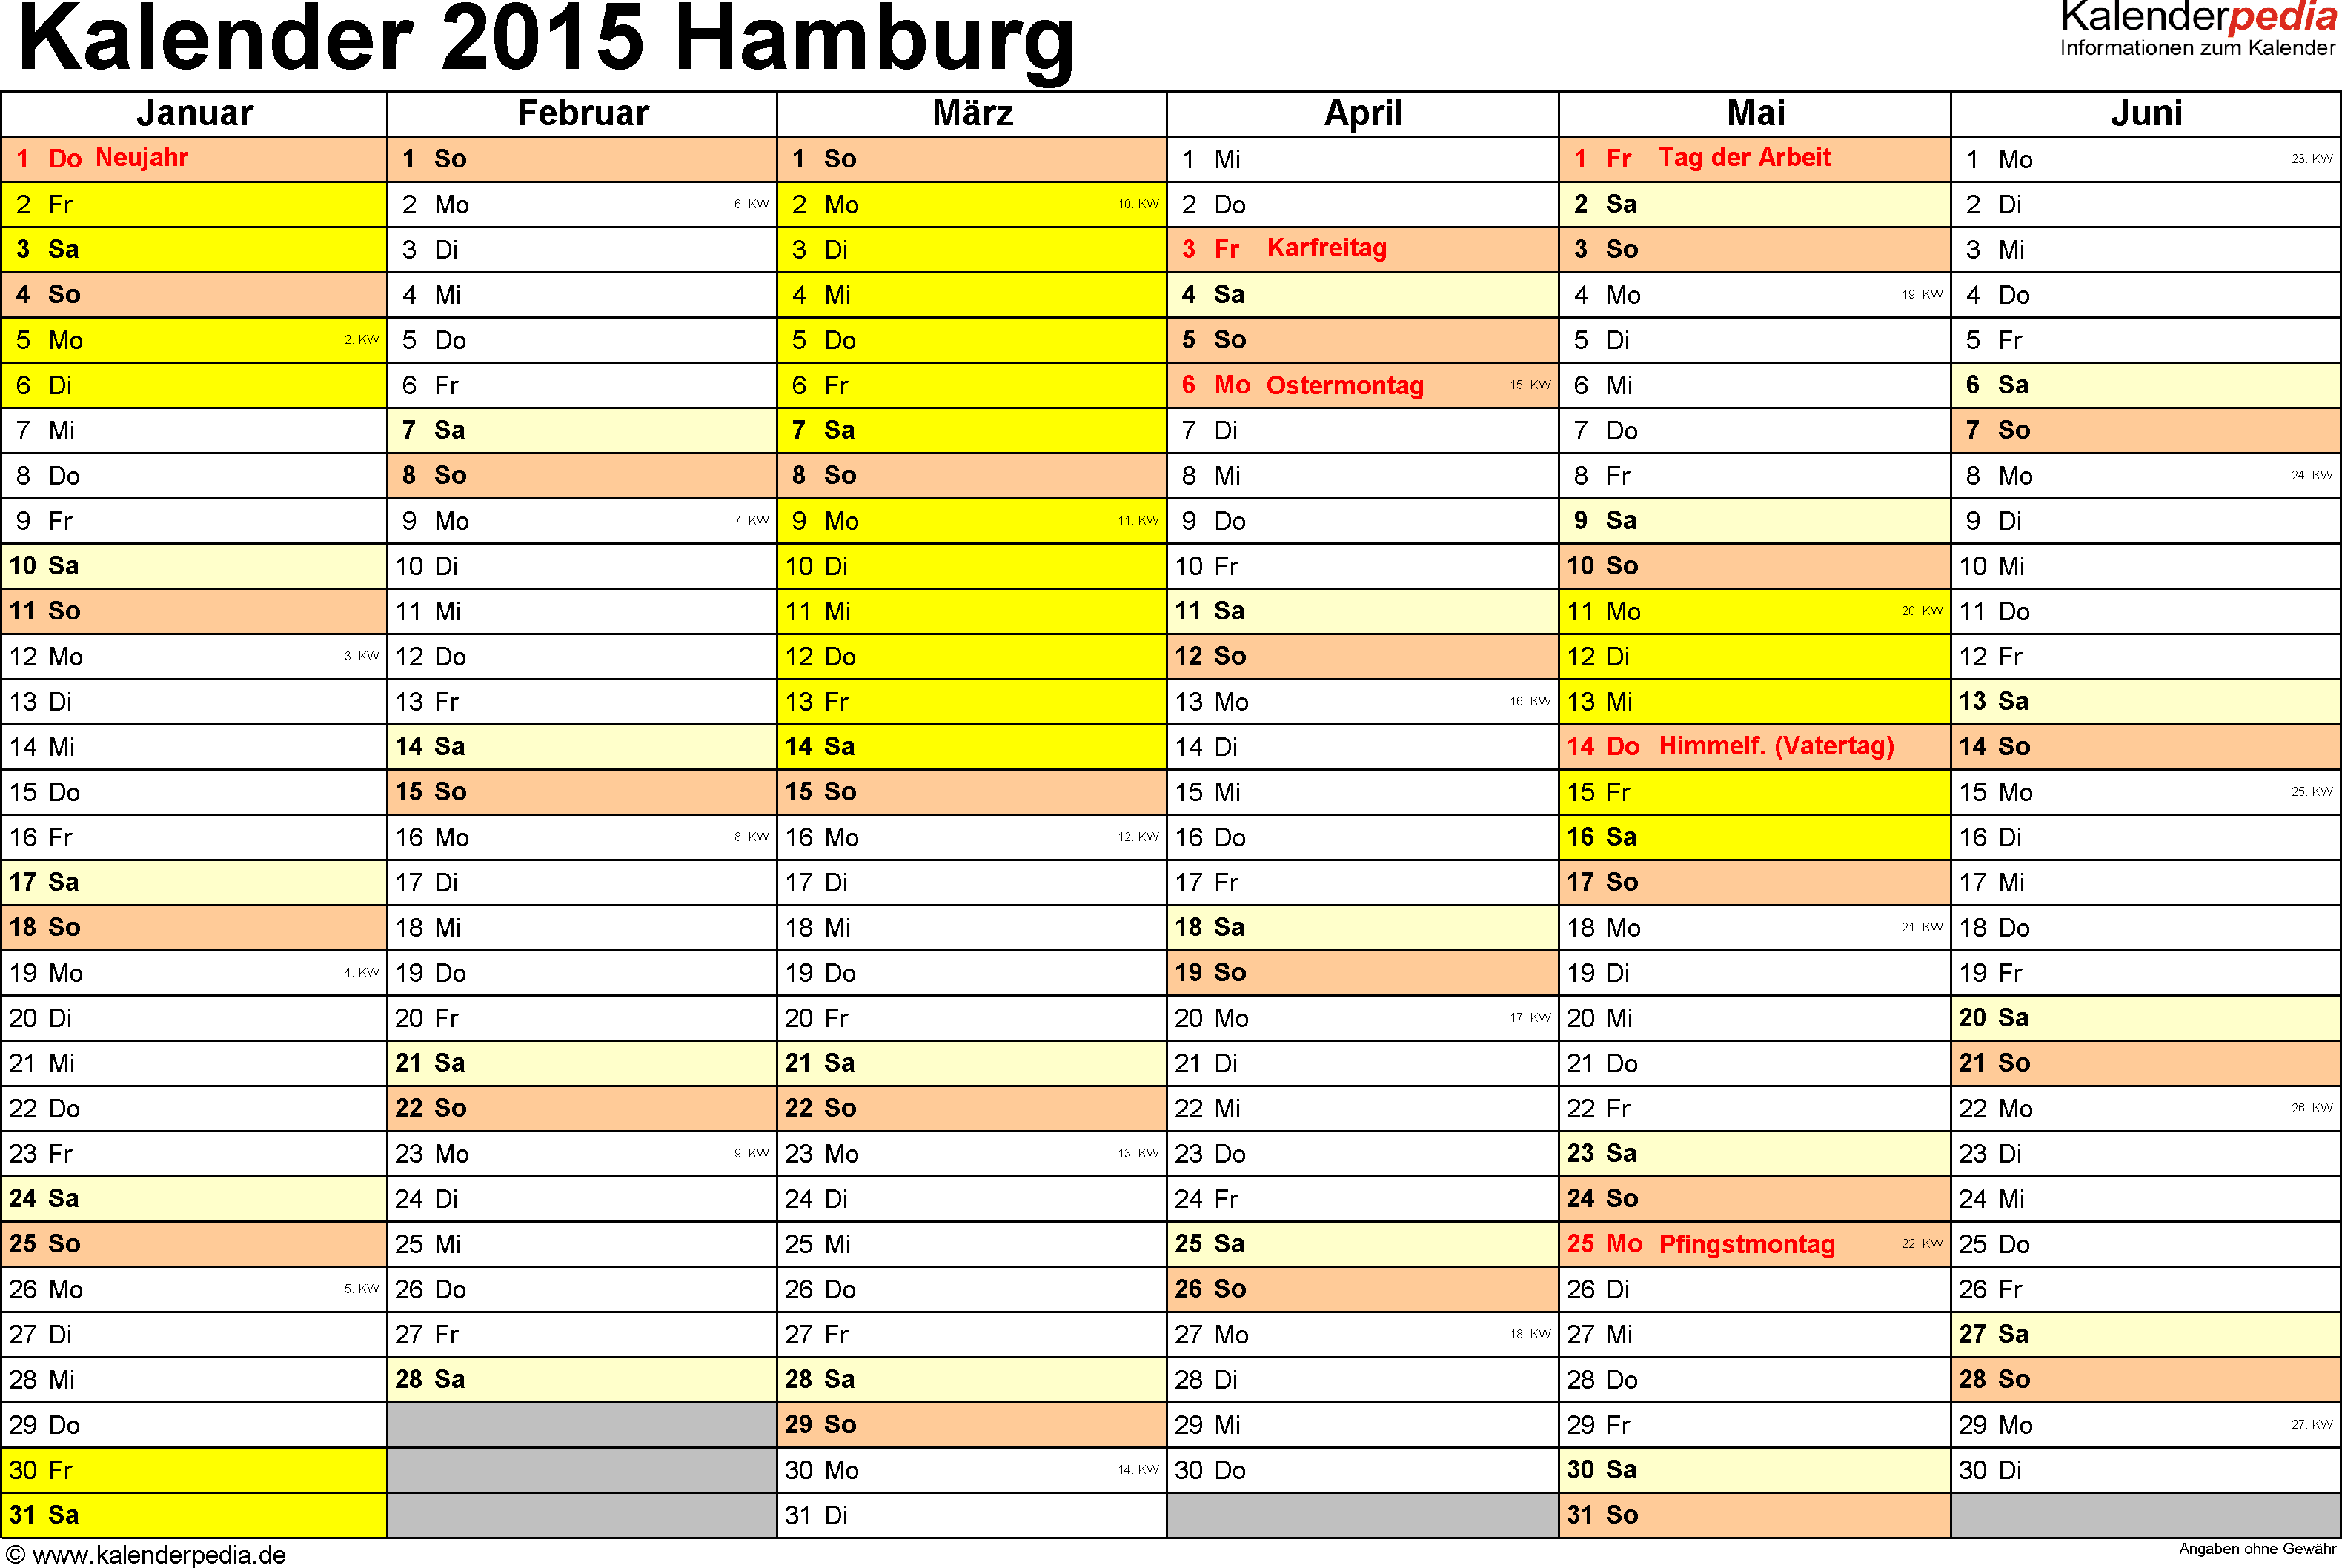 Vorlage 3: Kalender 2015 für Hamburg als Excel-Vorlagen (Querformat, 2 Seiten)